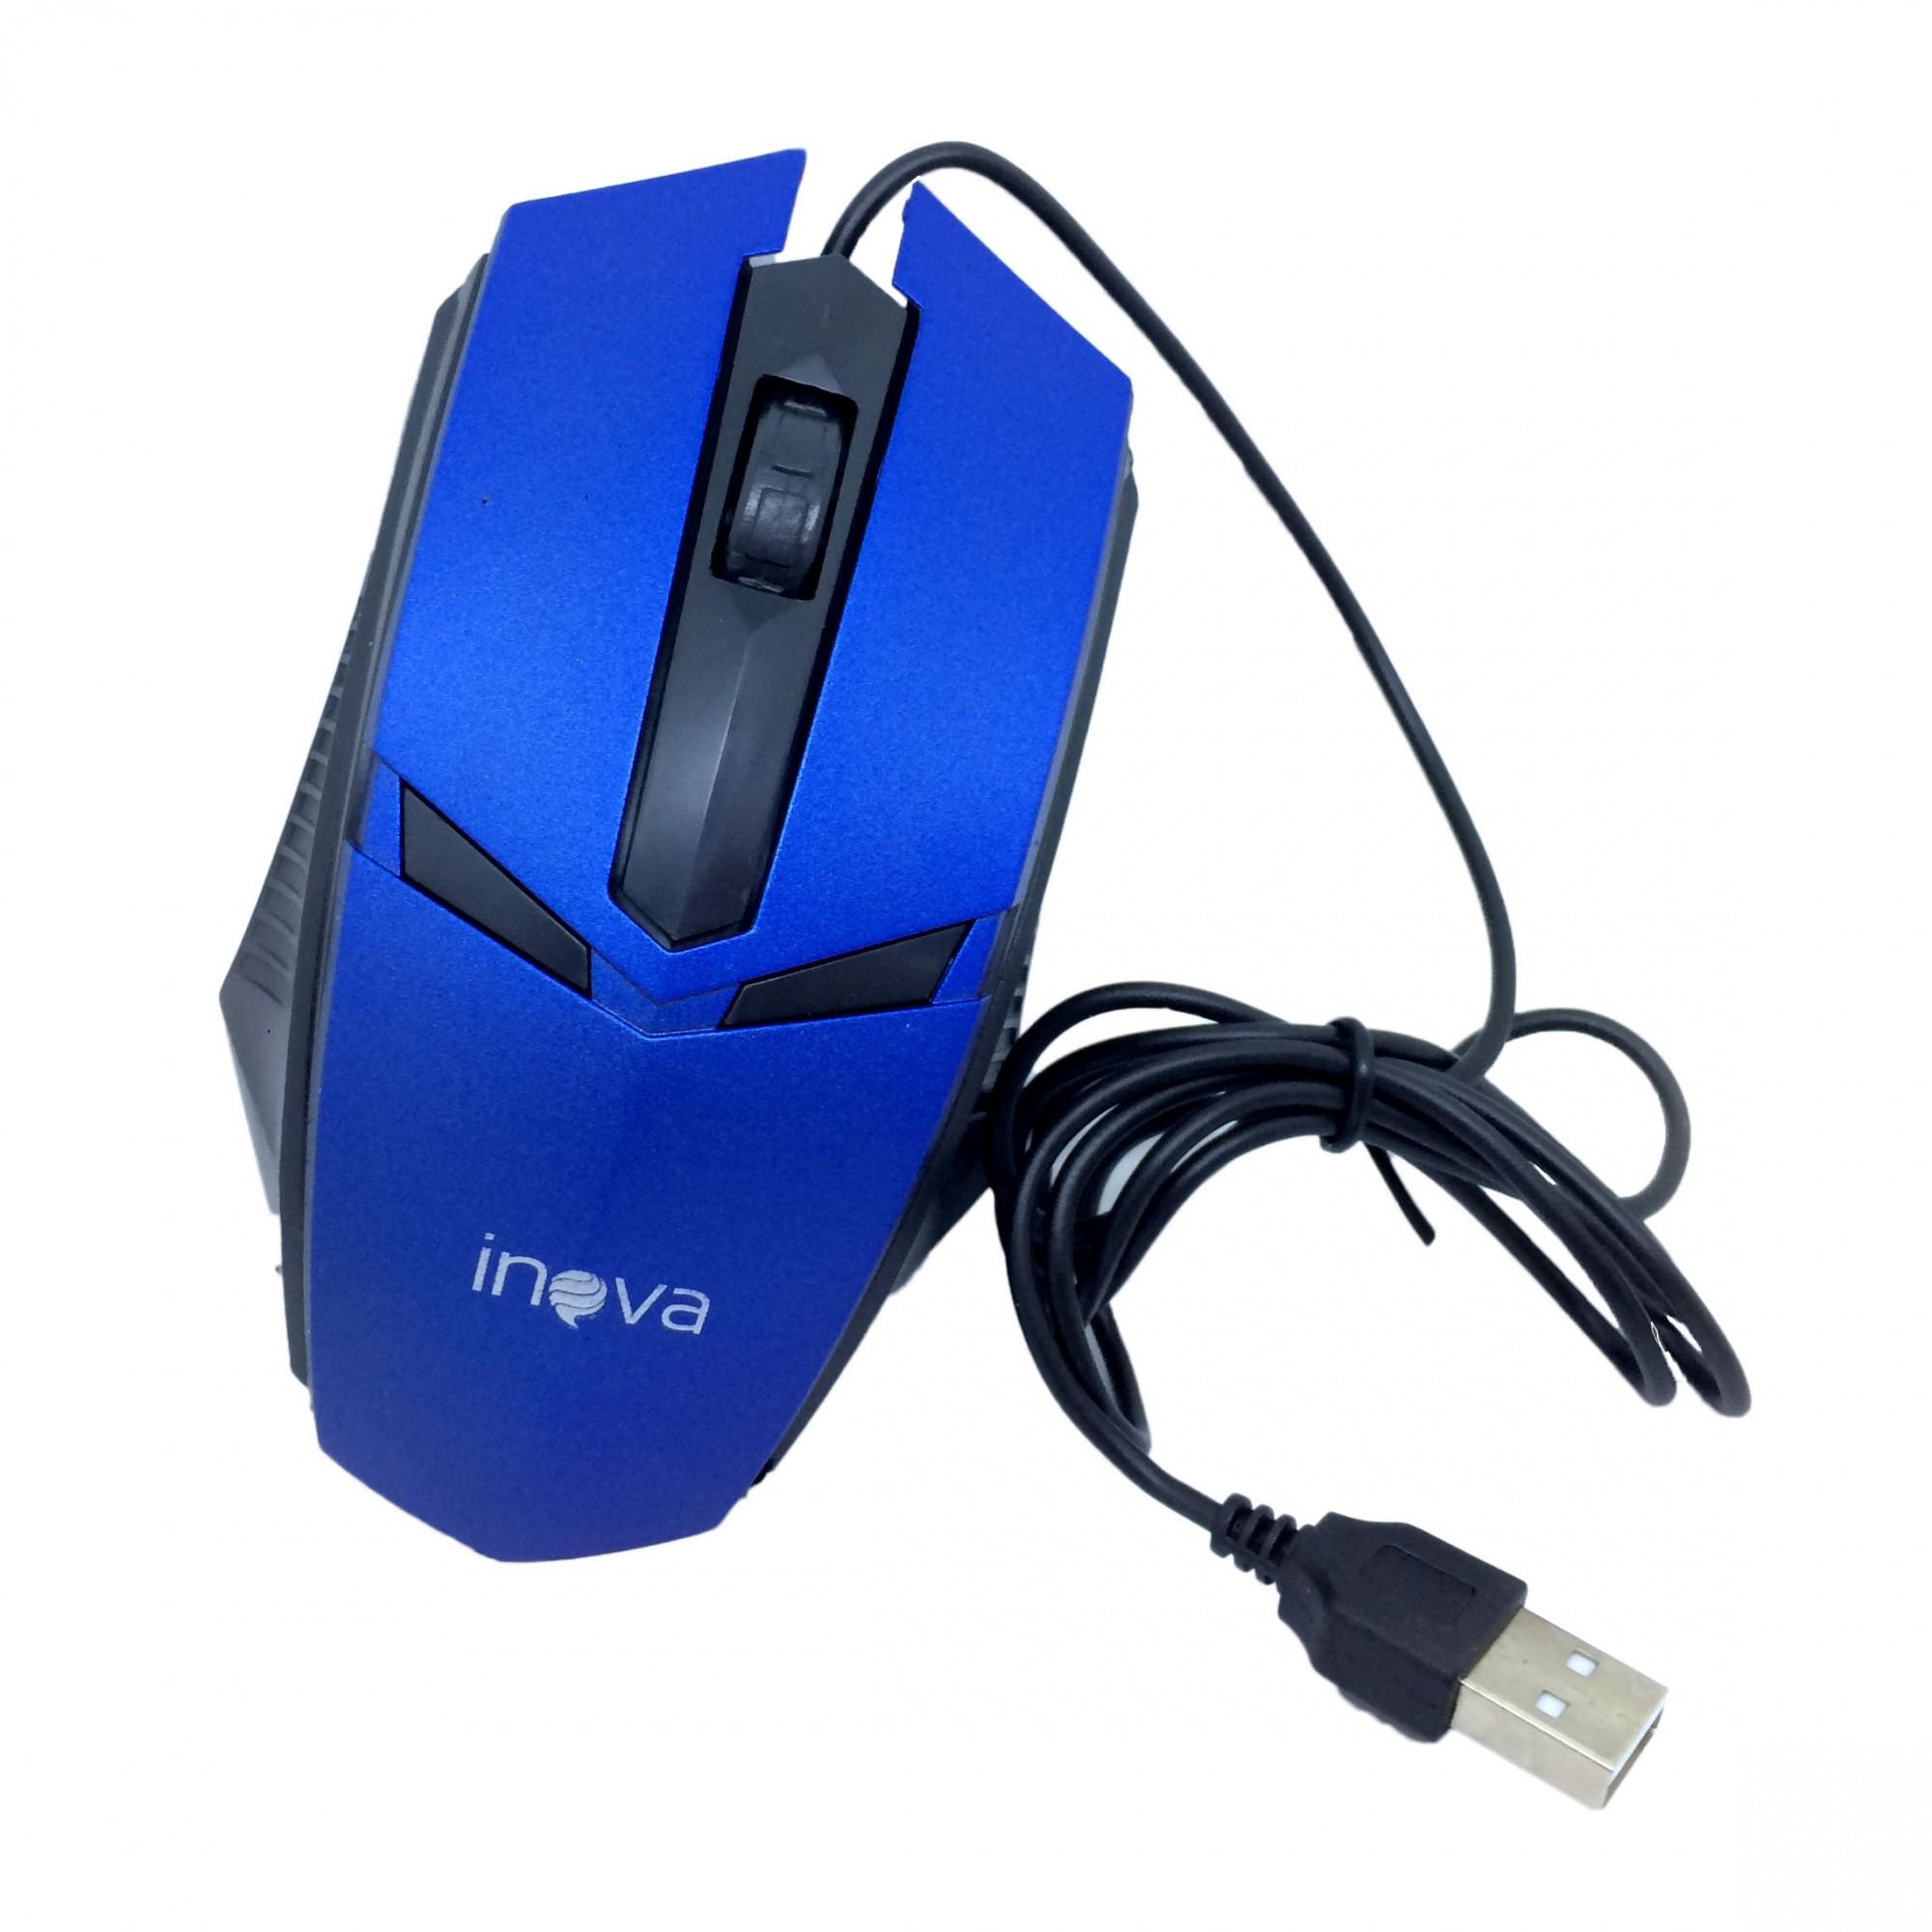 Mouse Óptico Com Fio USB 800Dpi Inova MOU-6935 Azul Preto - INOVA BLISTER